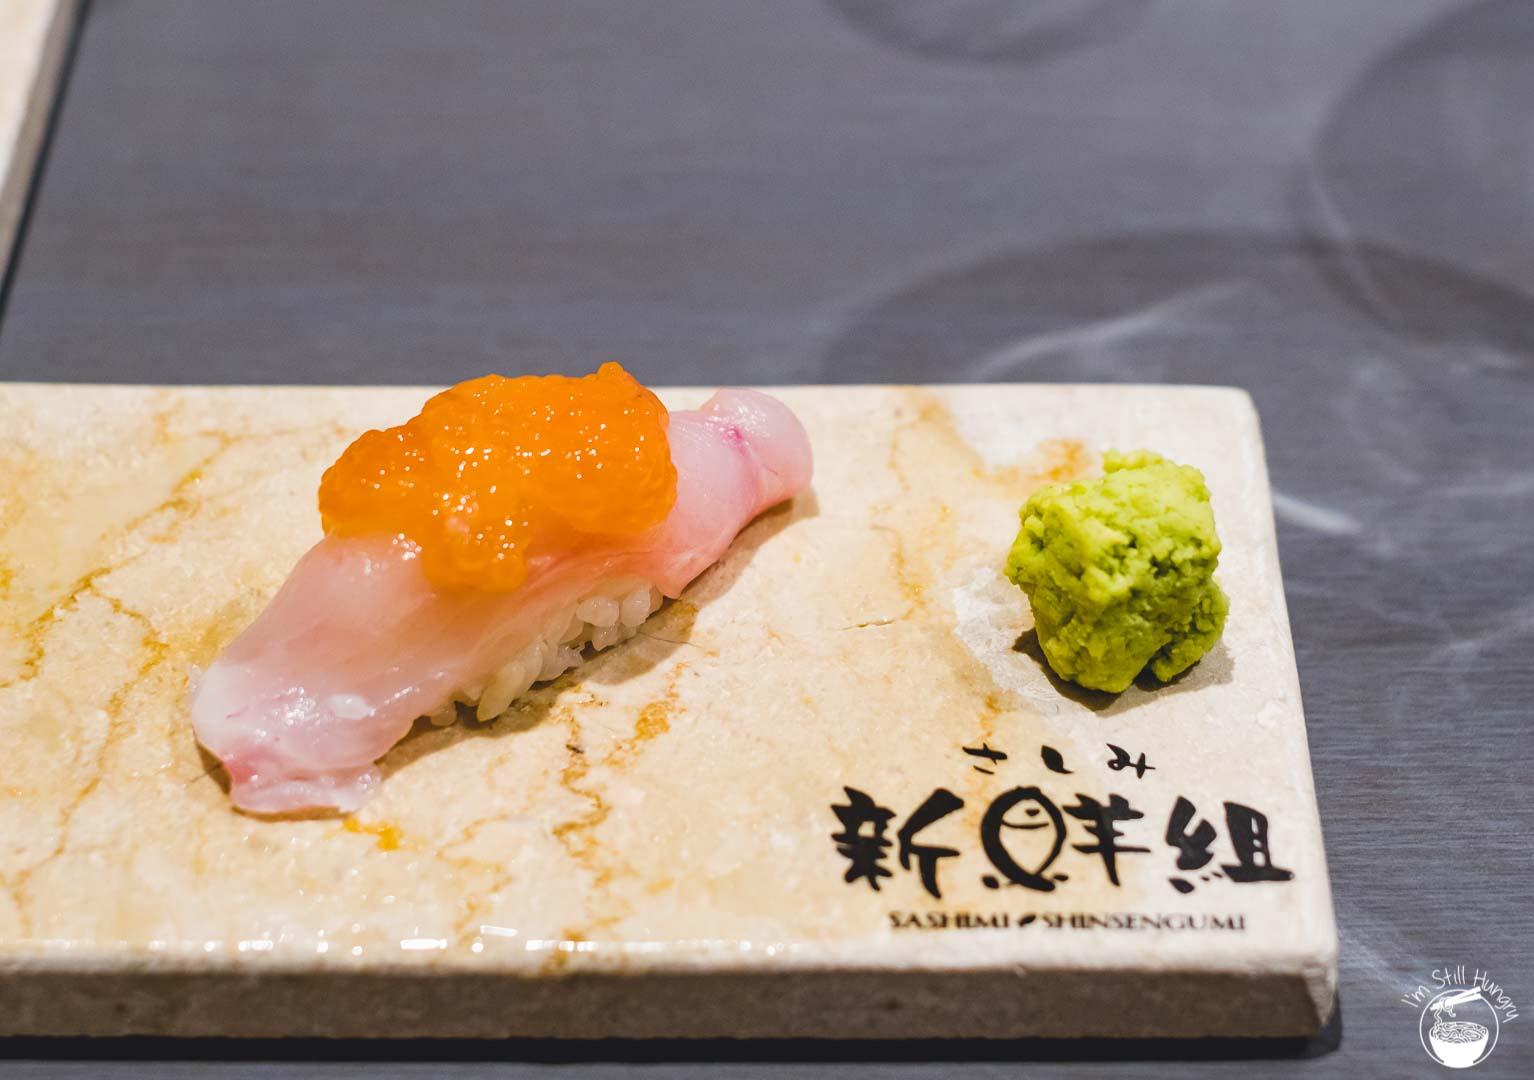 Sashimi Shinsengumi Crows Nest Sushi Omakase Cod w/cod roe on top